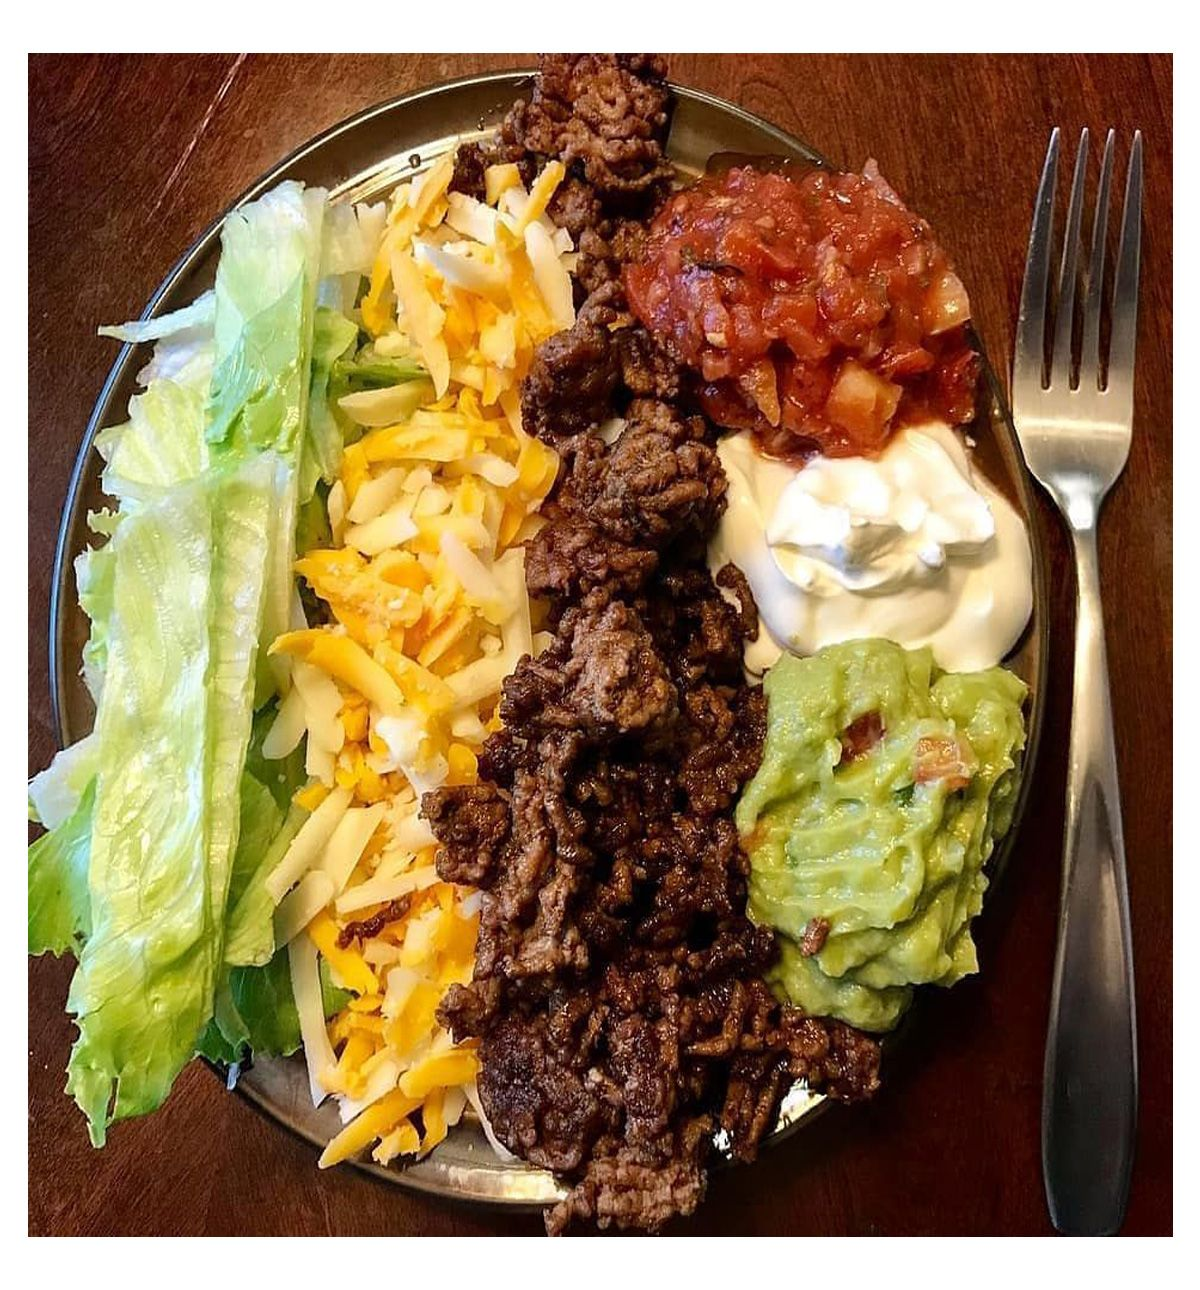 keto diet for beginners week 1 breakfast #ketodietforbeginners